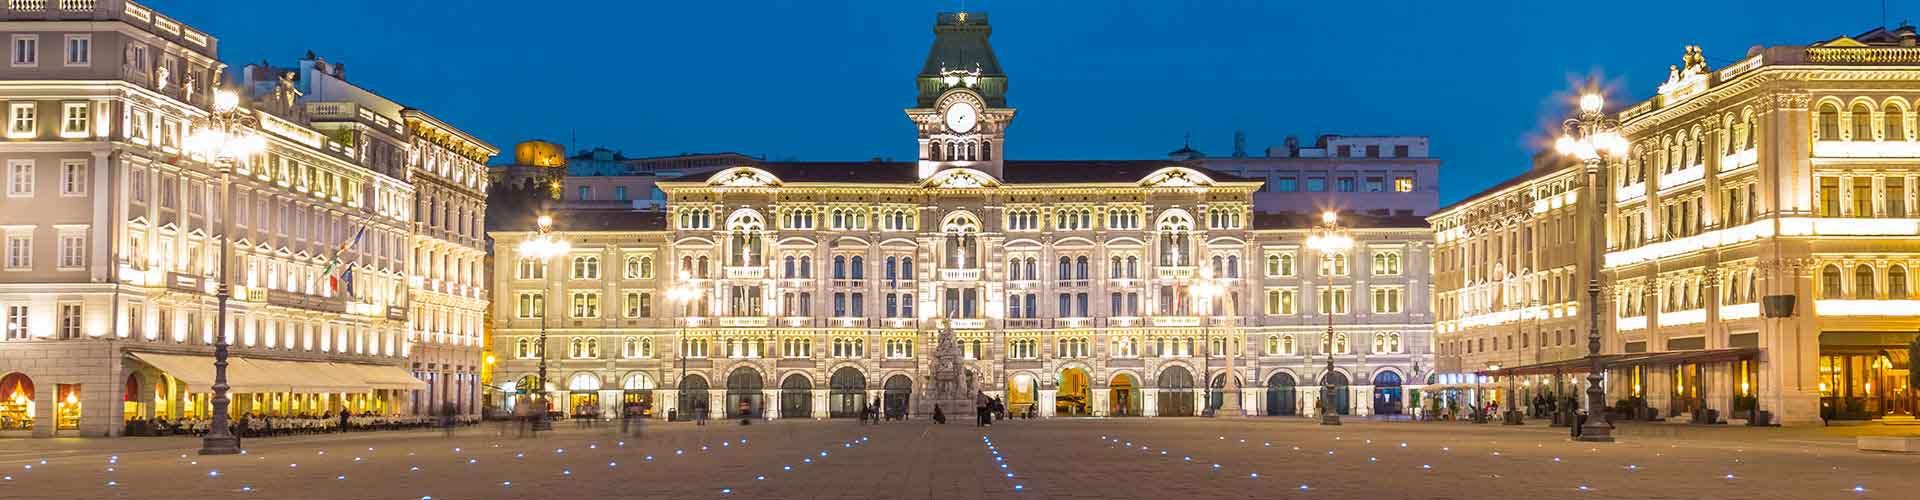 Trieste - Hostales en Trieste. Mapas de Trieste, Fotos y comentarios de cada Hostal en Trieste.